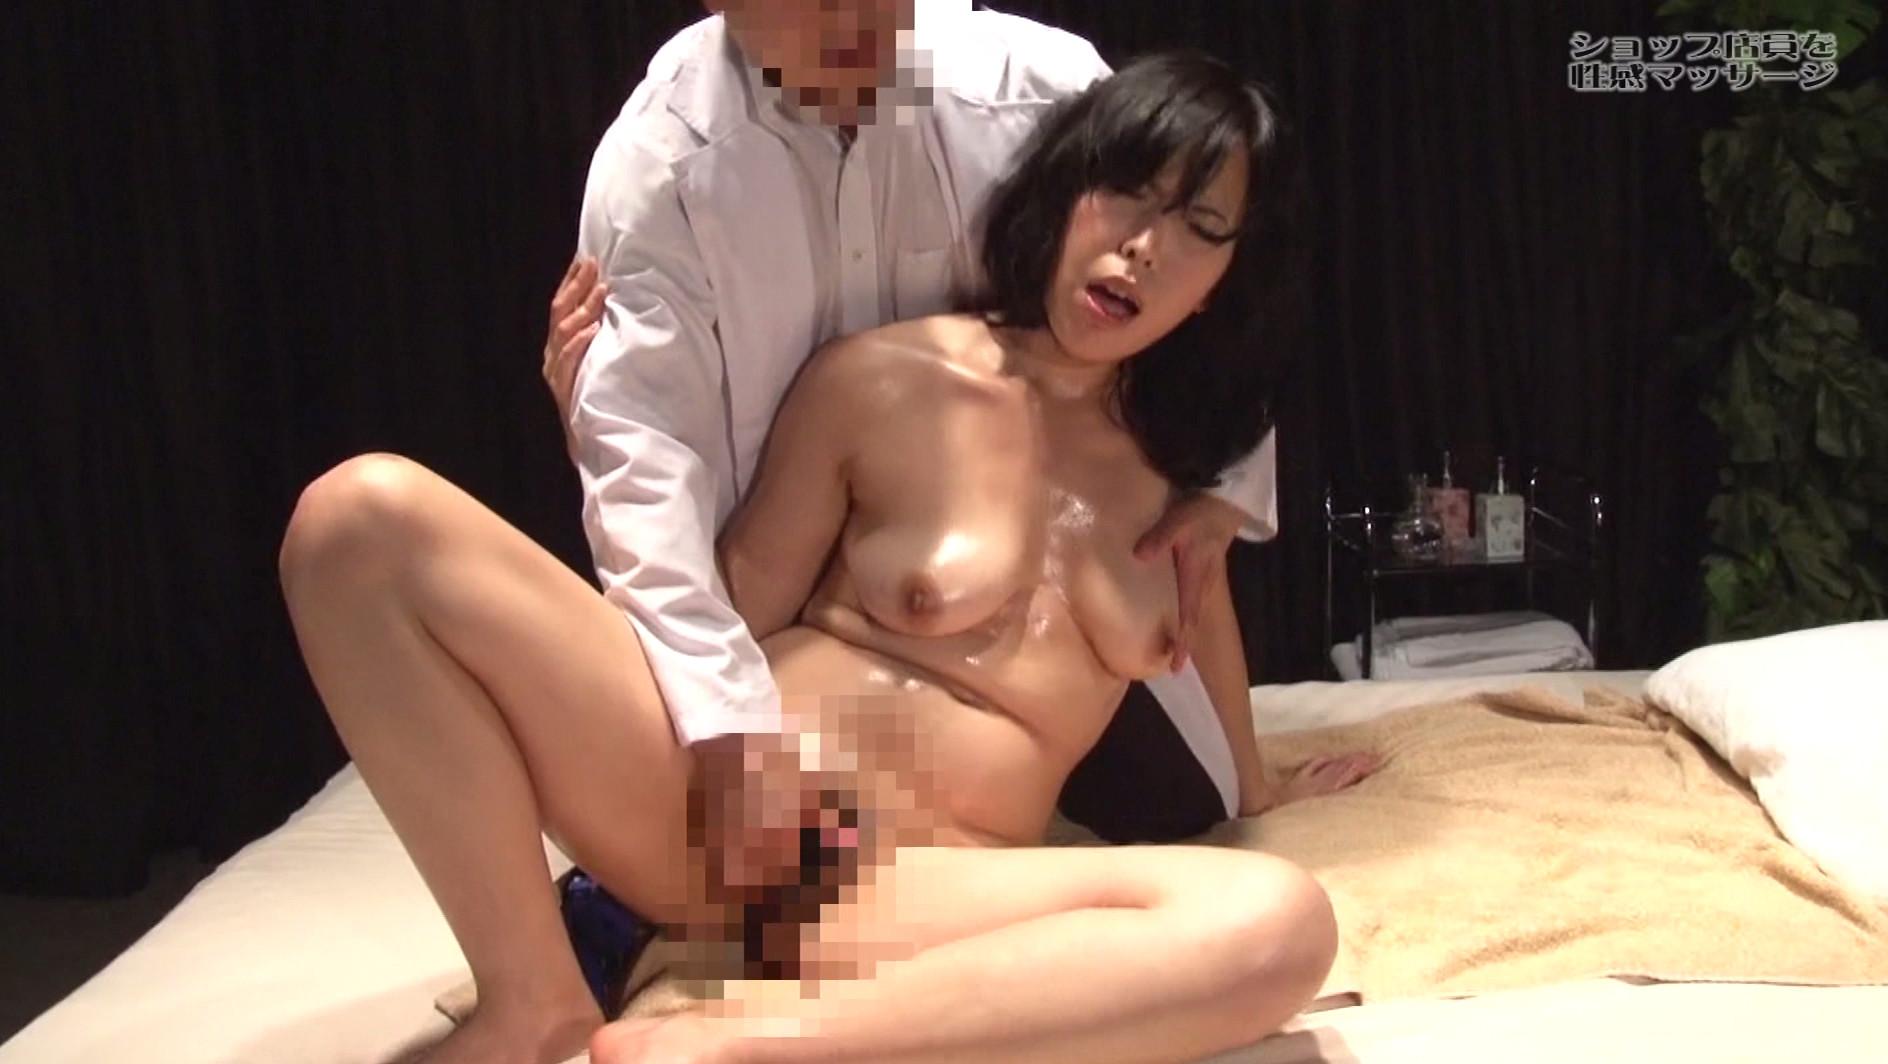 かわいいショップ店員のお姉さんを性感マッサージでとことんイカせてみた 画像13